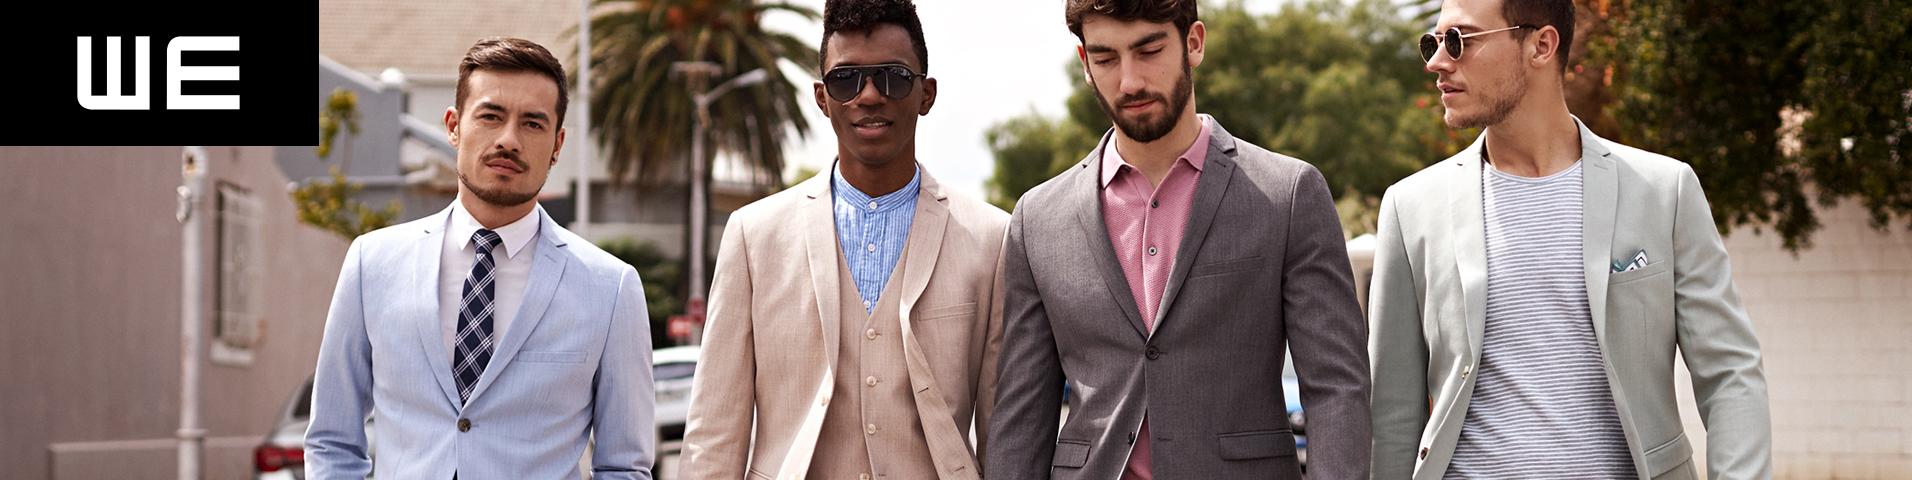 We Zwembroek.We Fashion Zwembroeken Heren Online Kopen Zalando